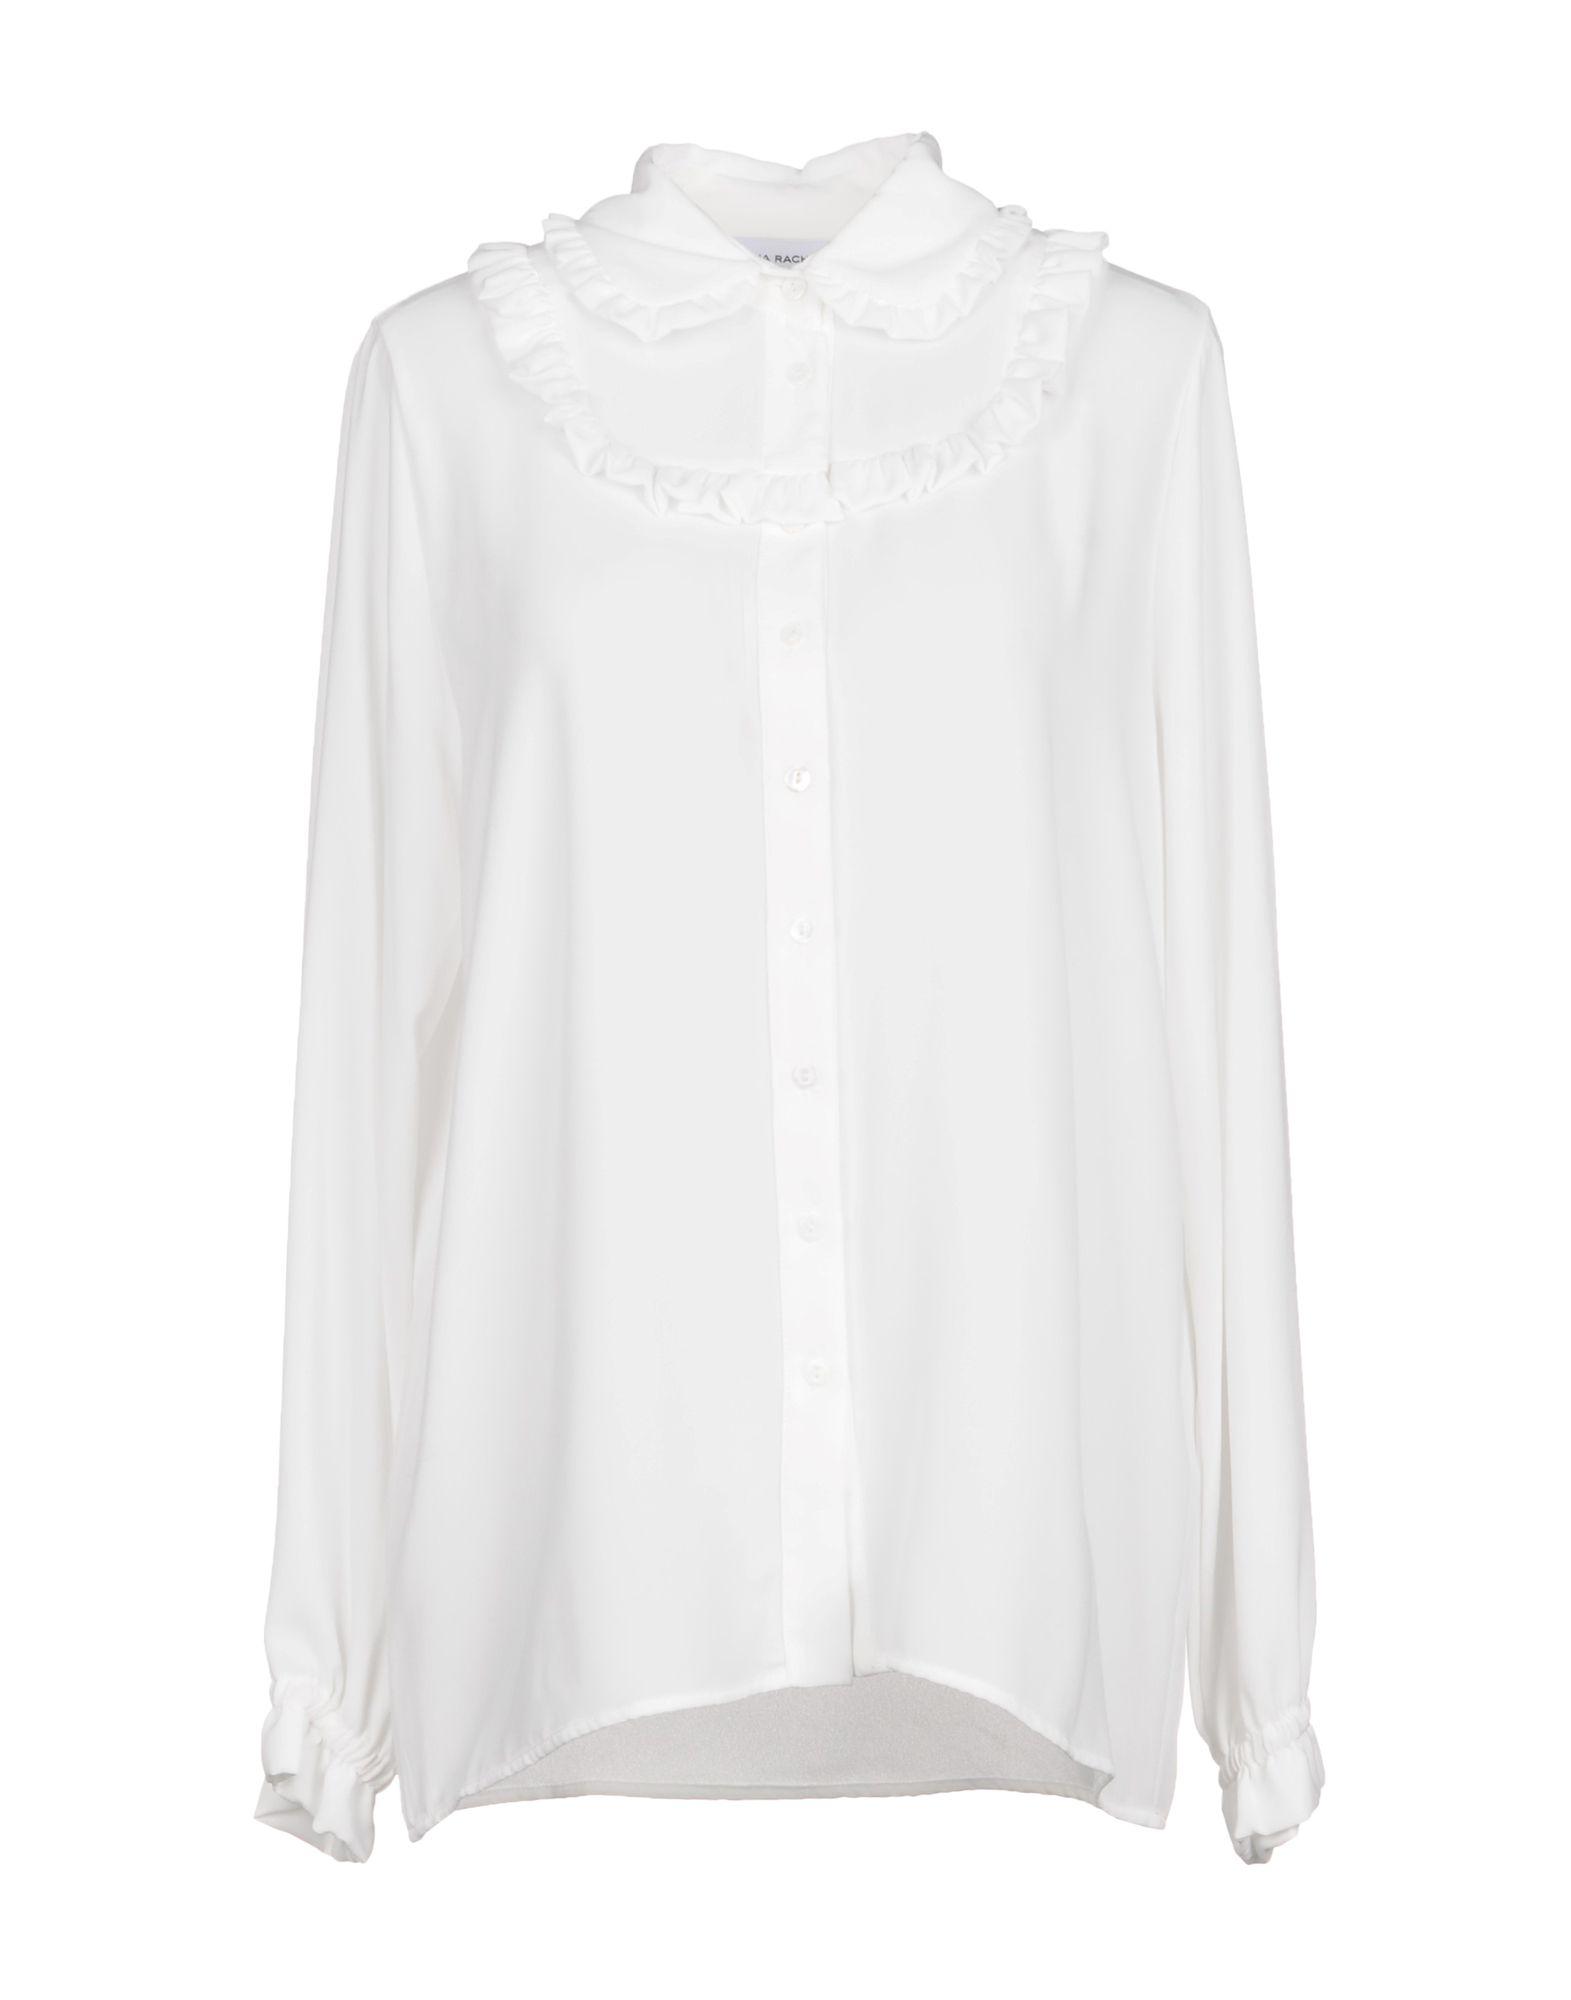 ANNA RACHELE JEANS COLLECTION Damen Hemd Farbe Weiß Größe 5